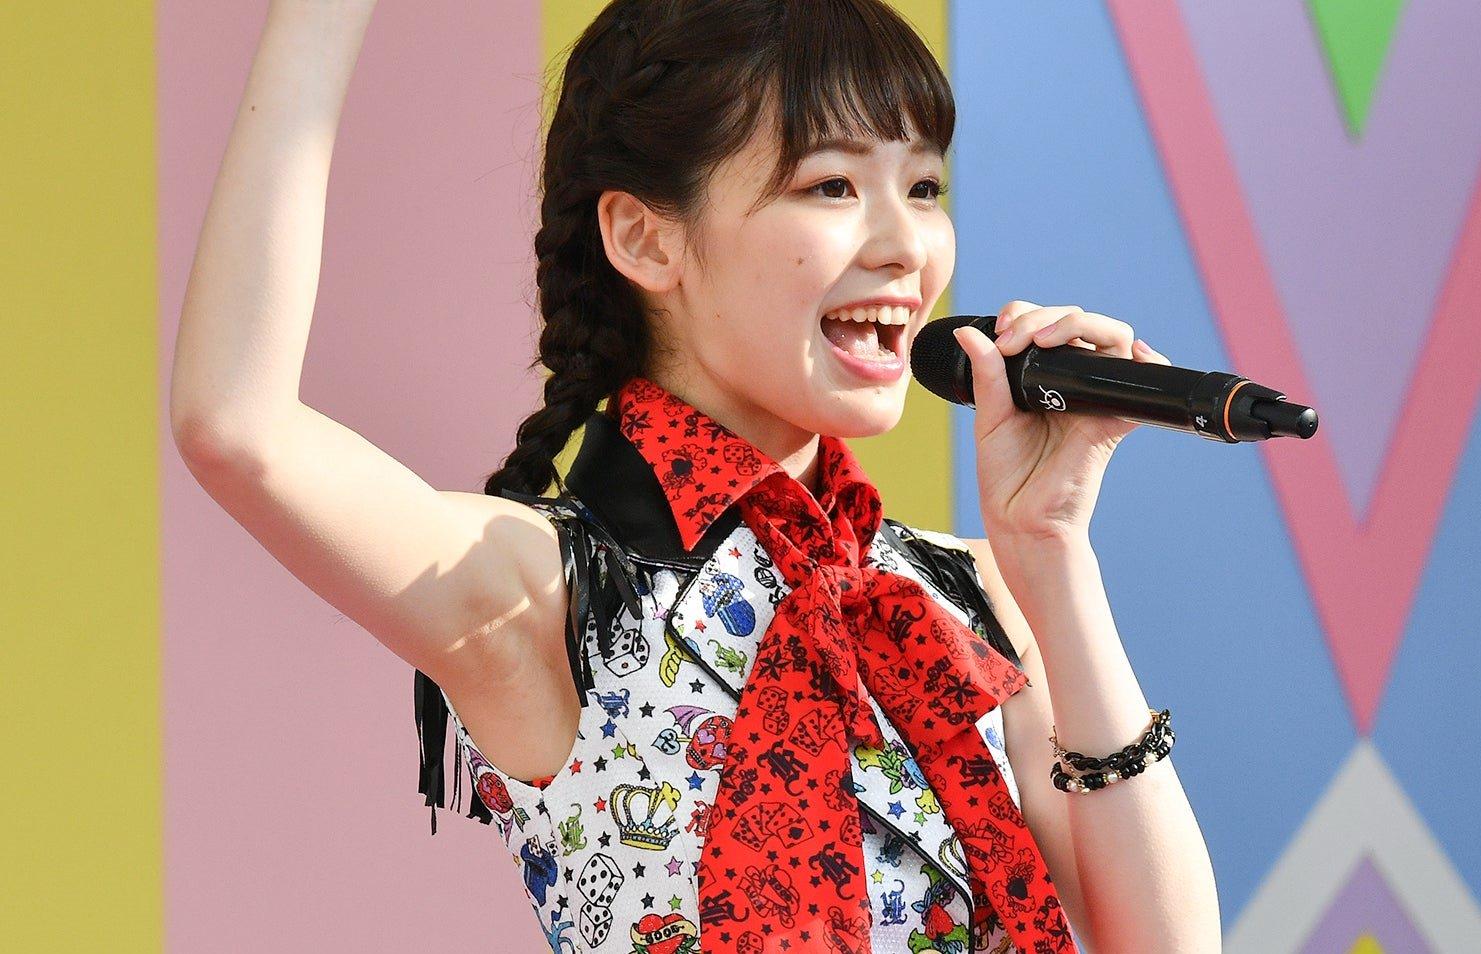 AKB48フレッシュ選抜メンバーの腋見せライブ (18)